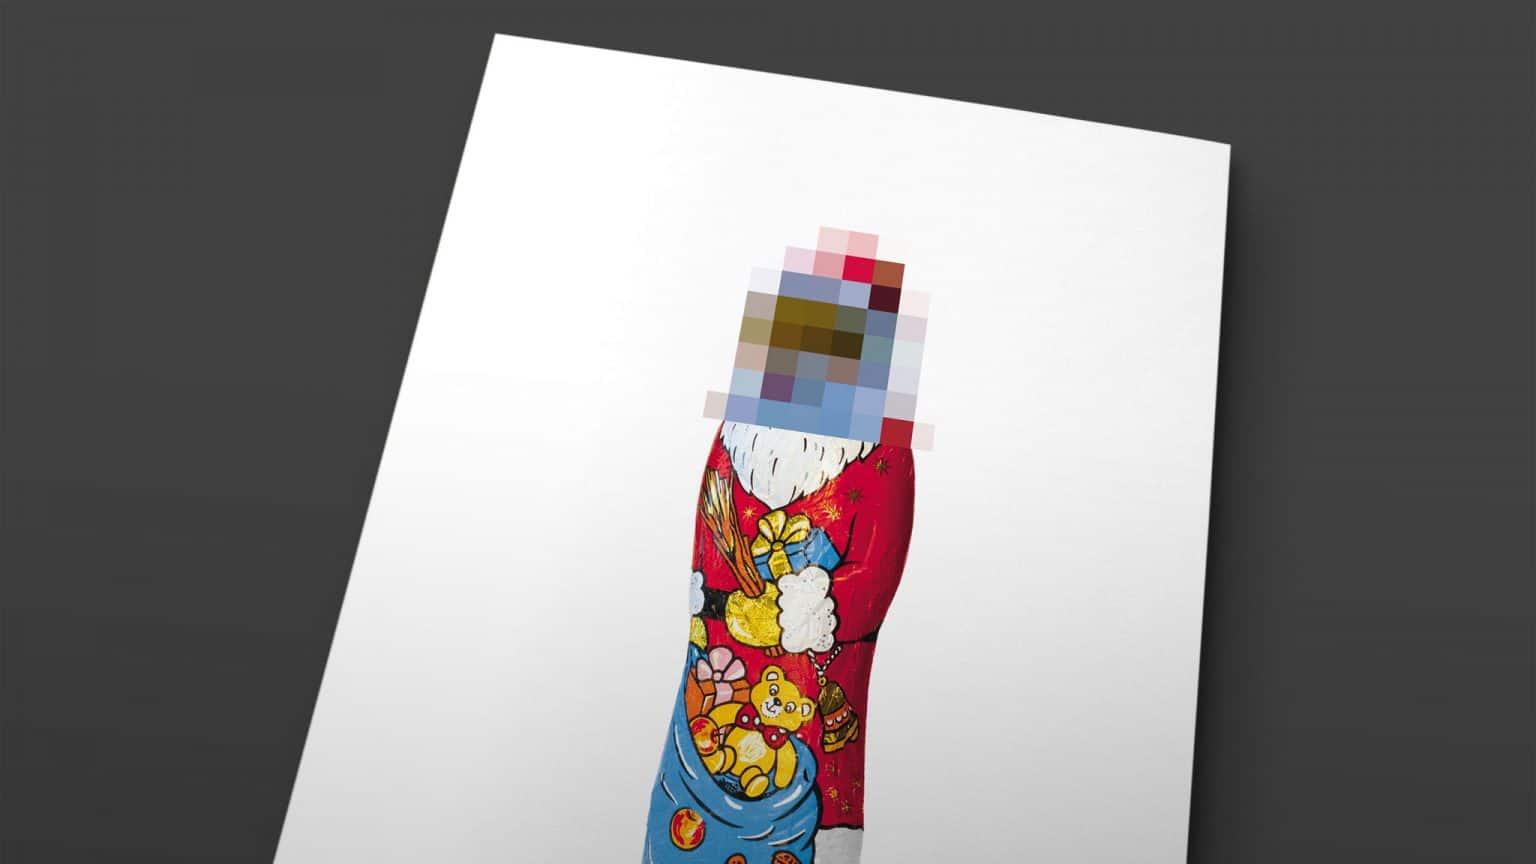 Motiv Weihnachtsmann für Weihnachtskarte